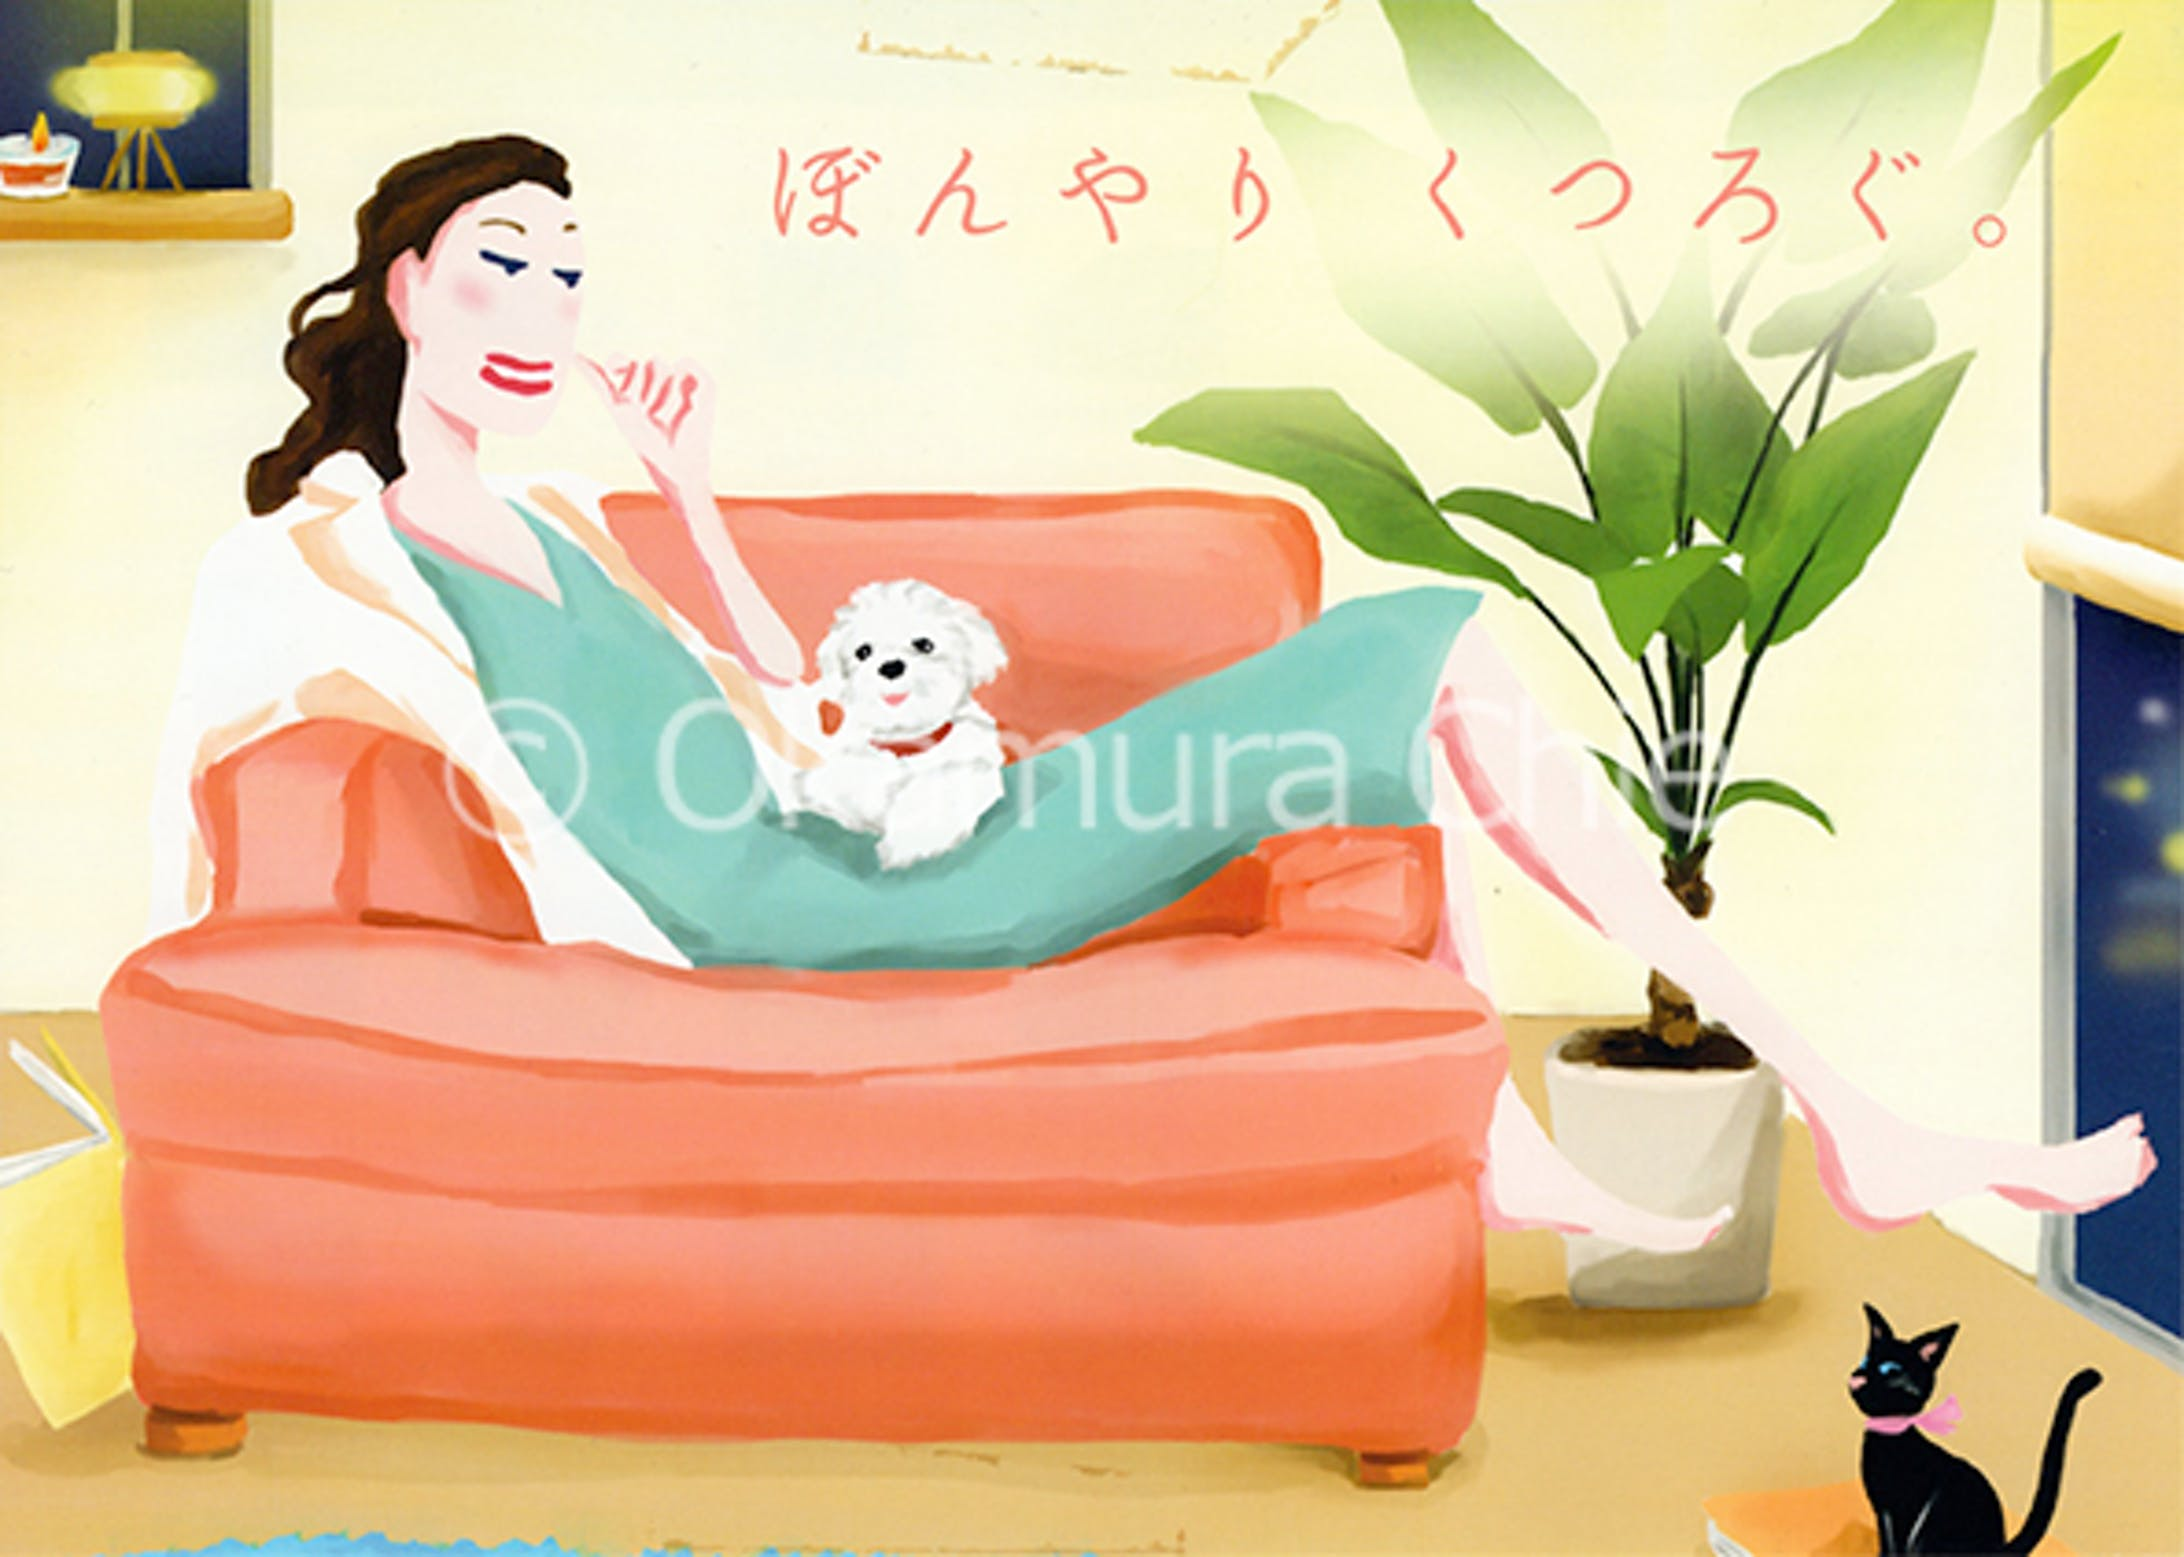 広告のイラスト-4